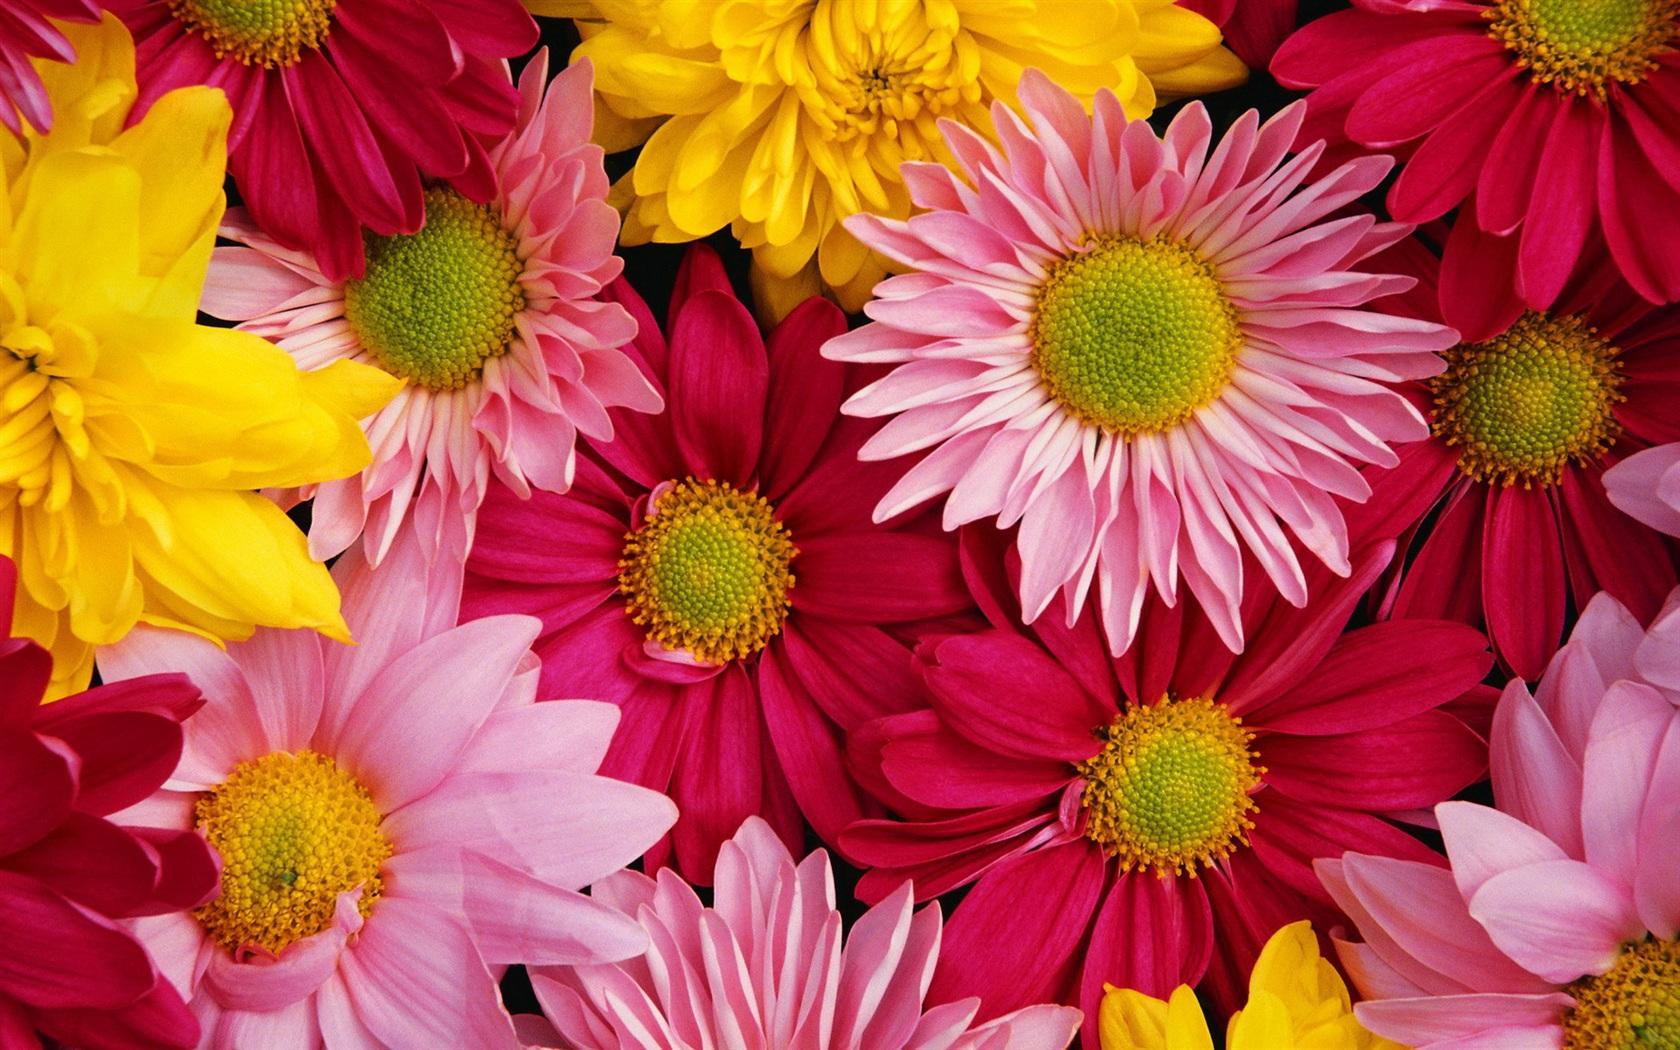 Chrysanthemum Wallpaper